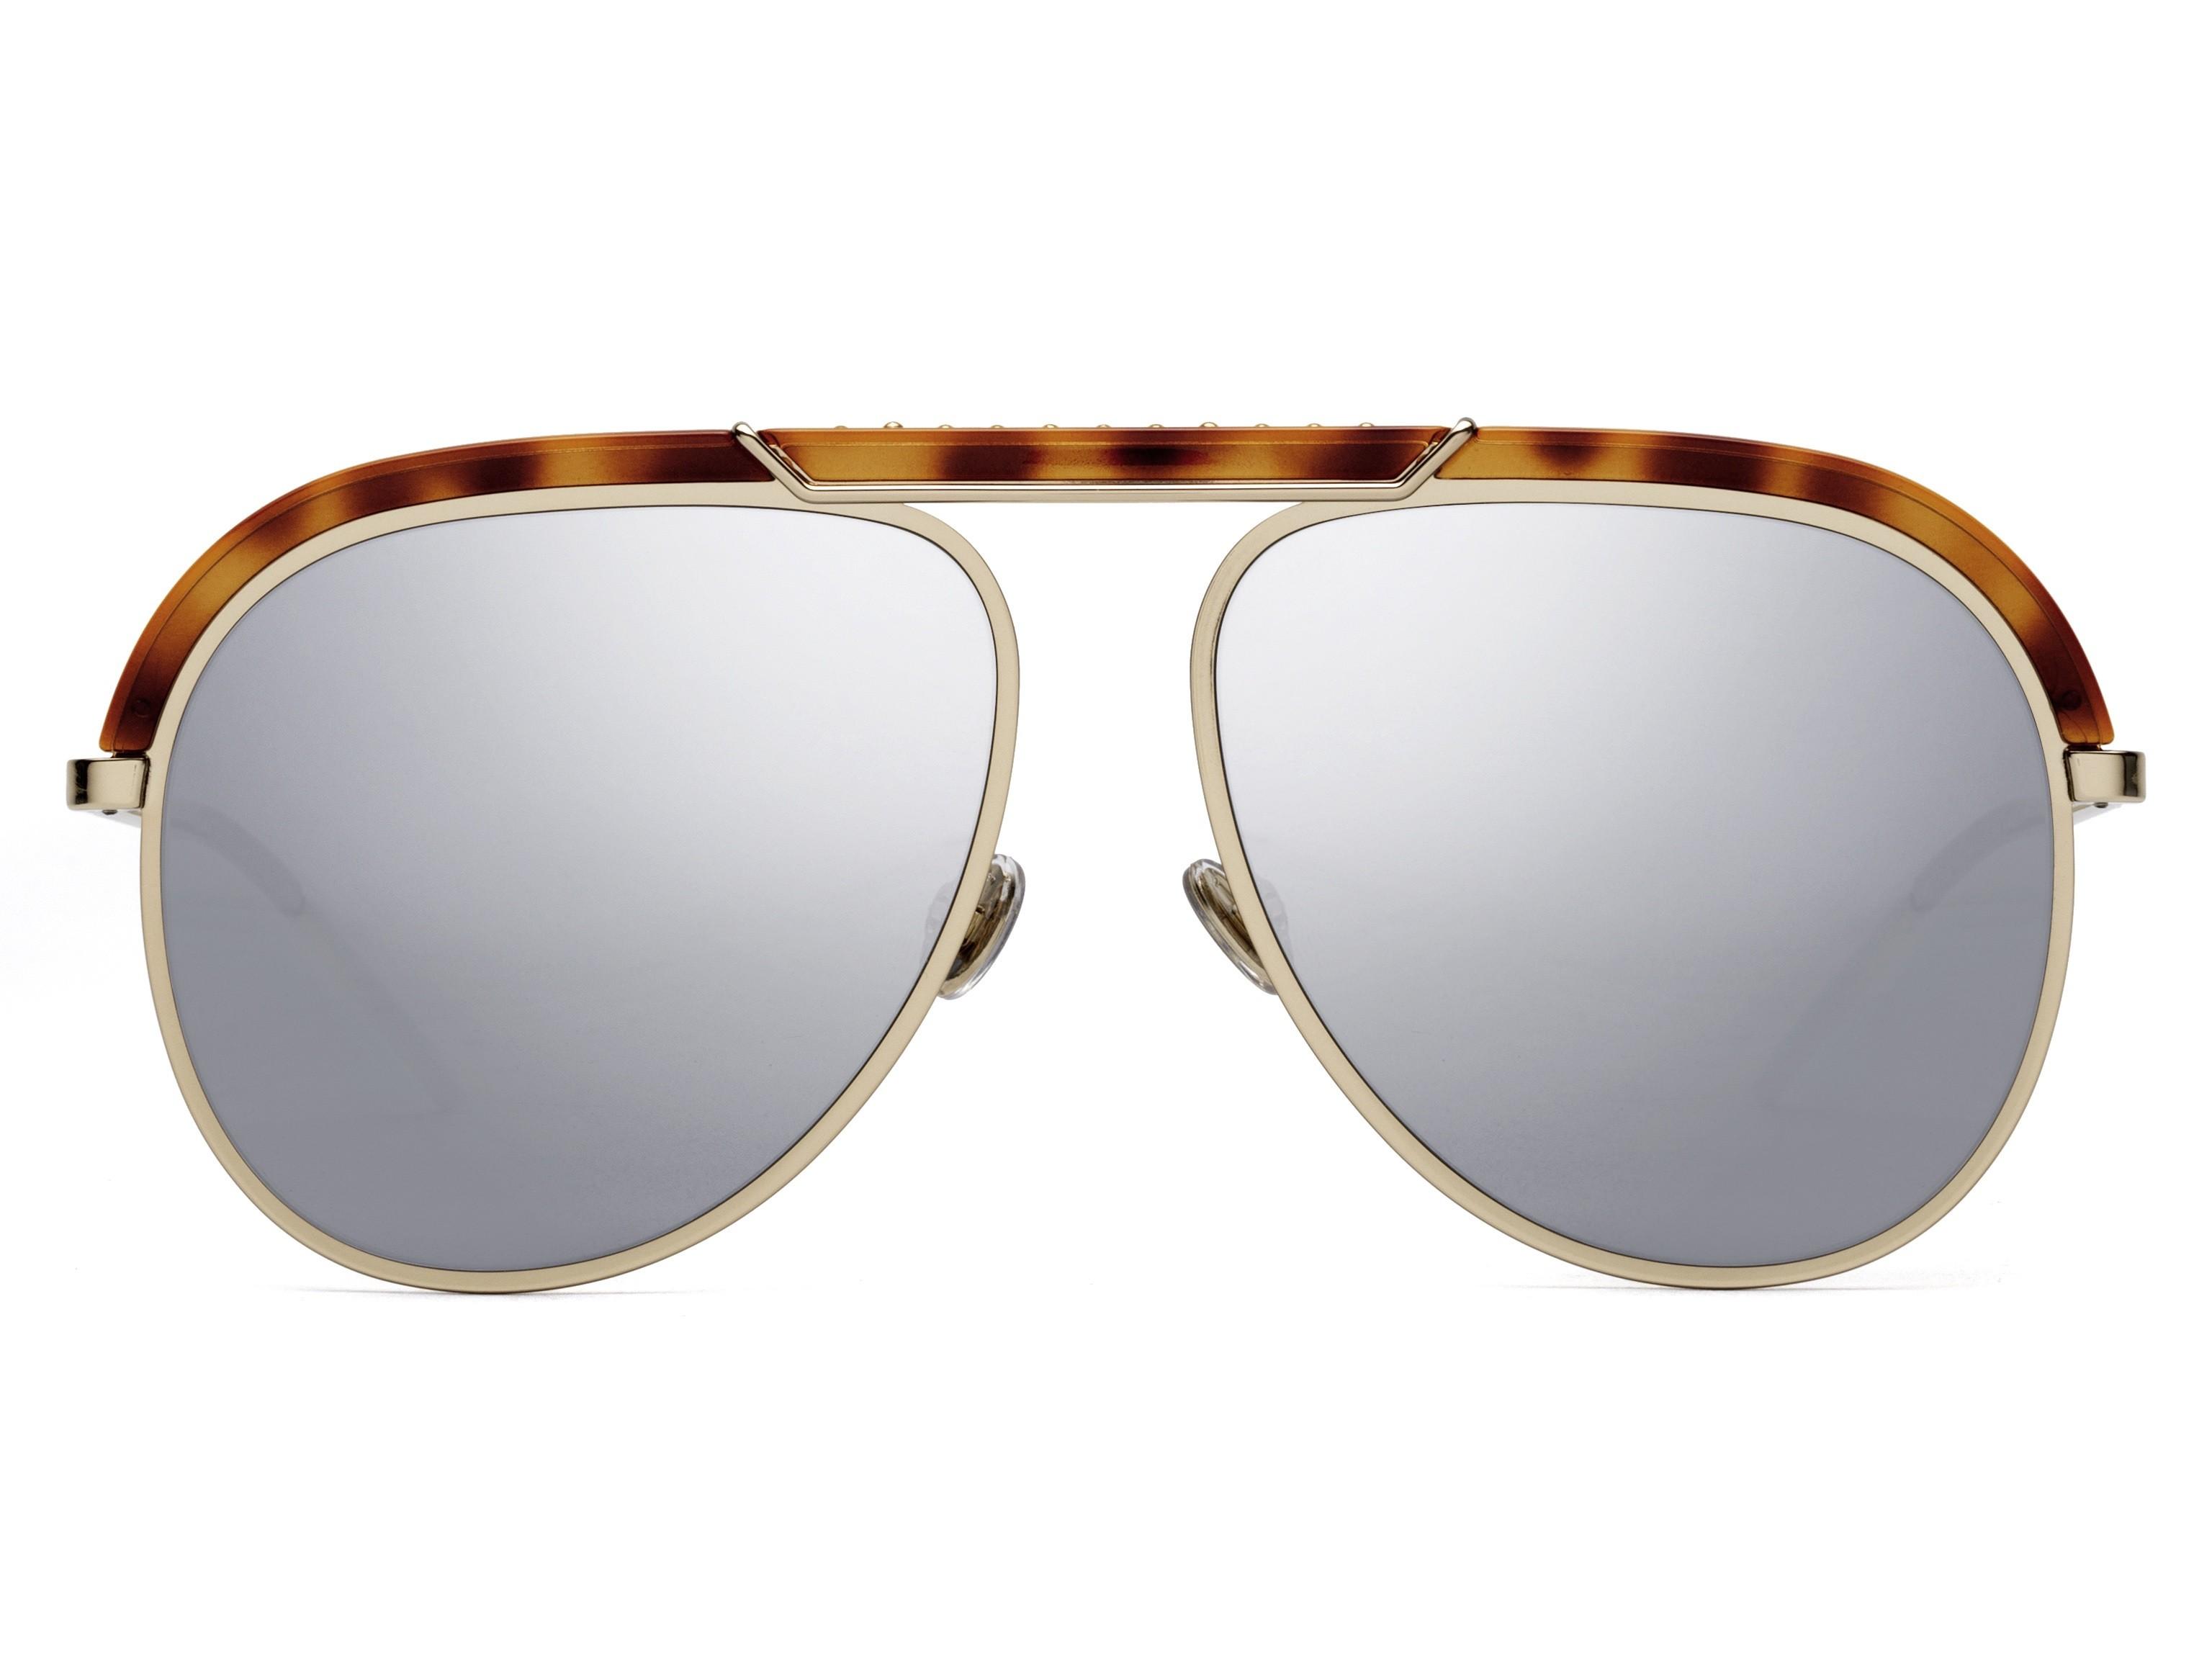 O oculos de Sol Dior Desertic, foi confeccionado no modelo aviador em metal  dourado e acetato na cor marrom tartaruga, suas lentes espelhadas sao um  toque ... 668052edba